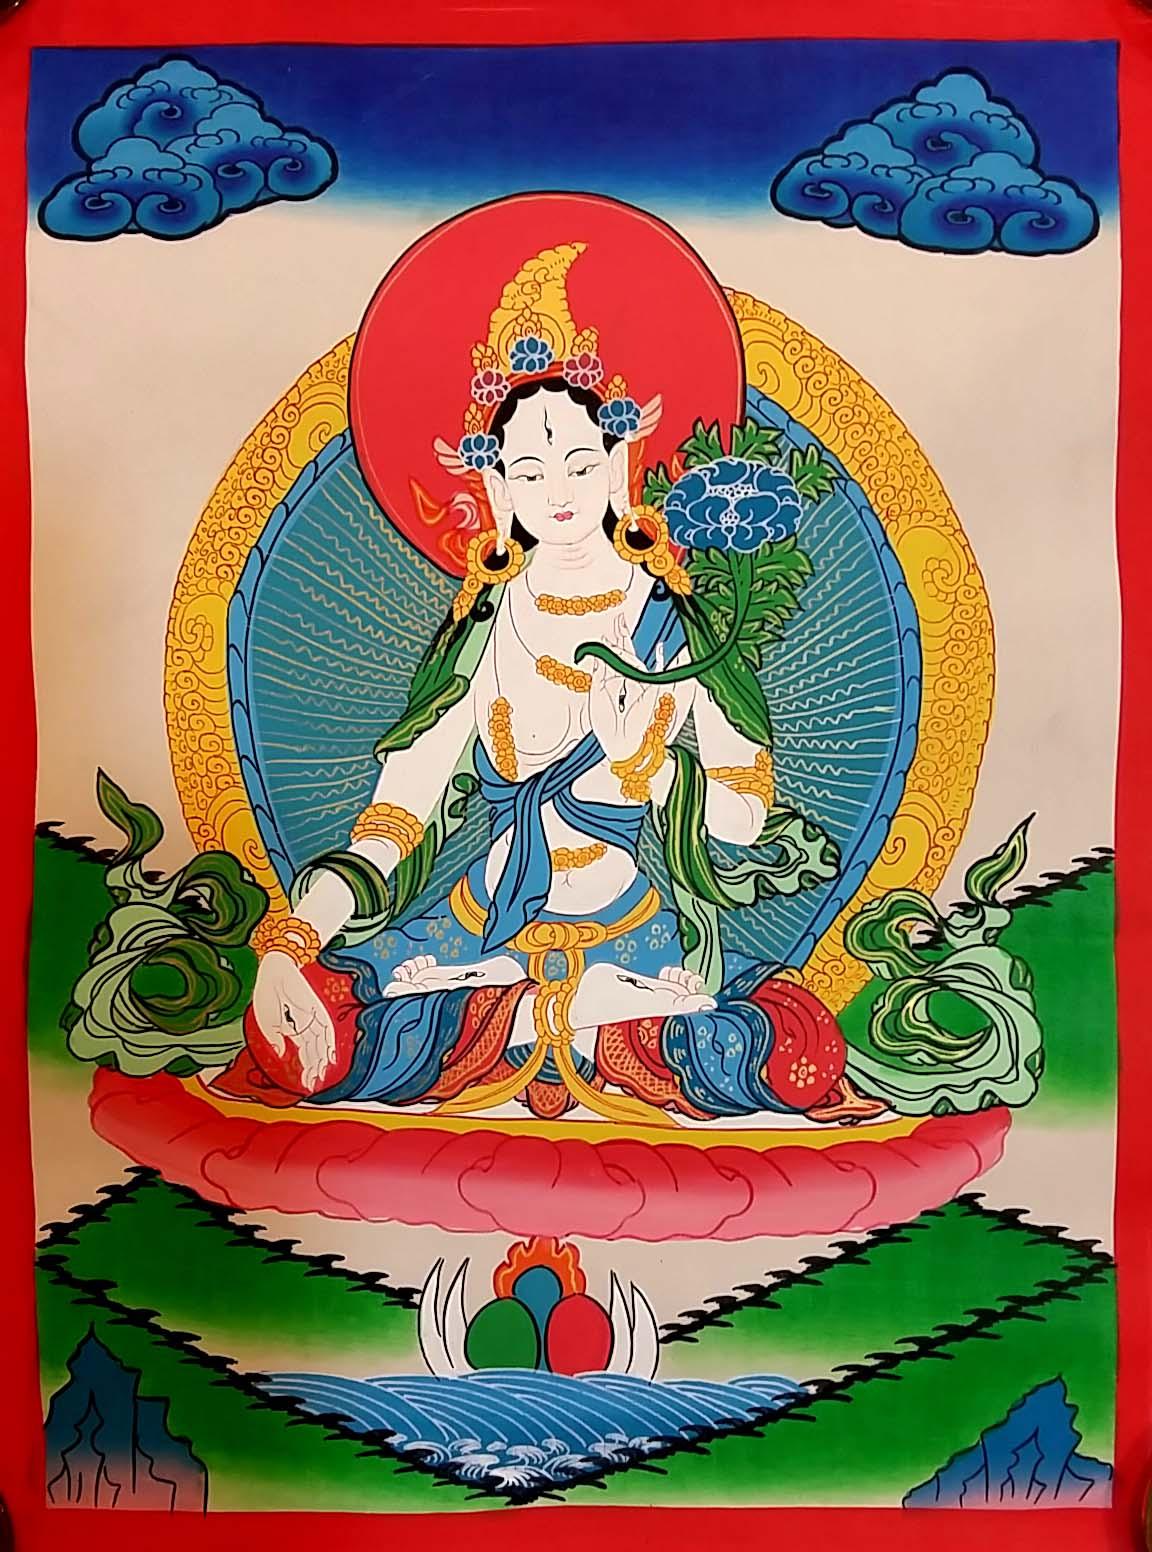 Simple White Tara Thangka Painting